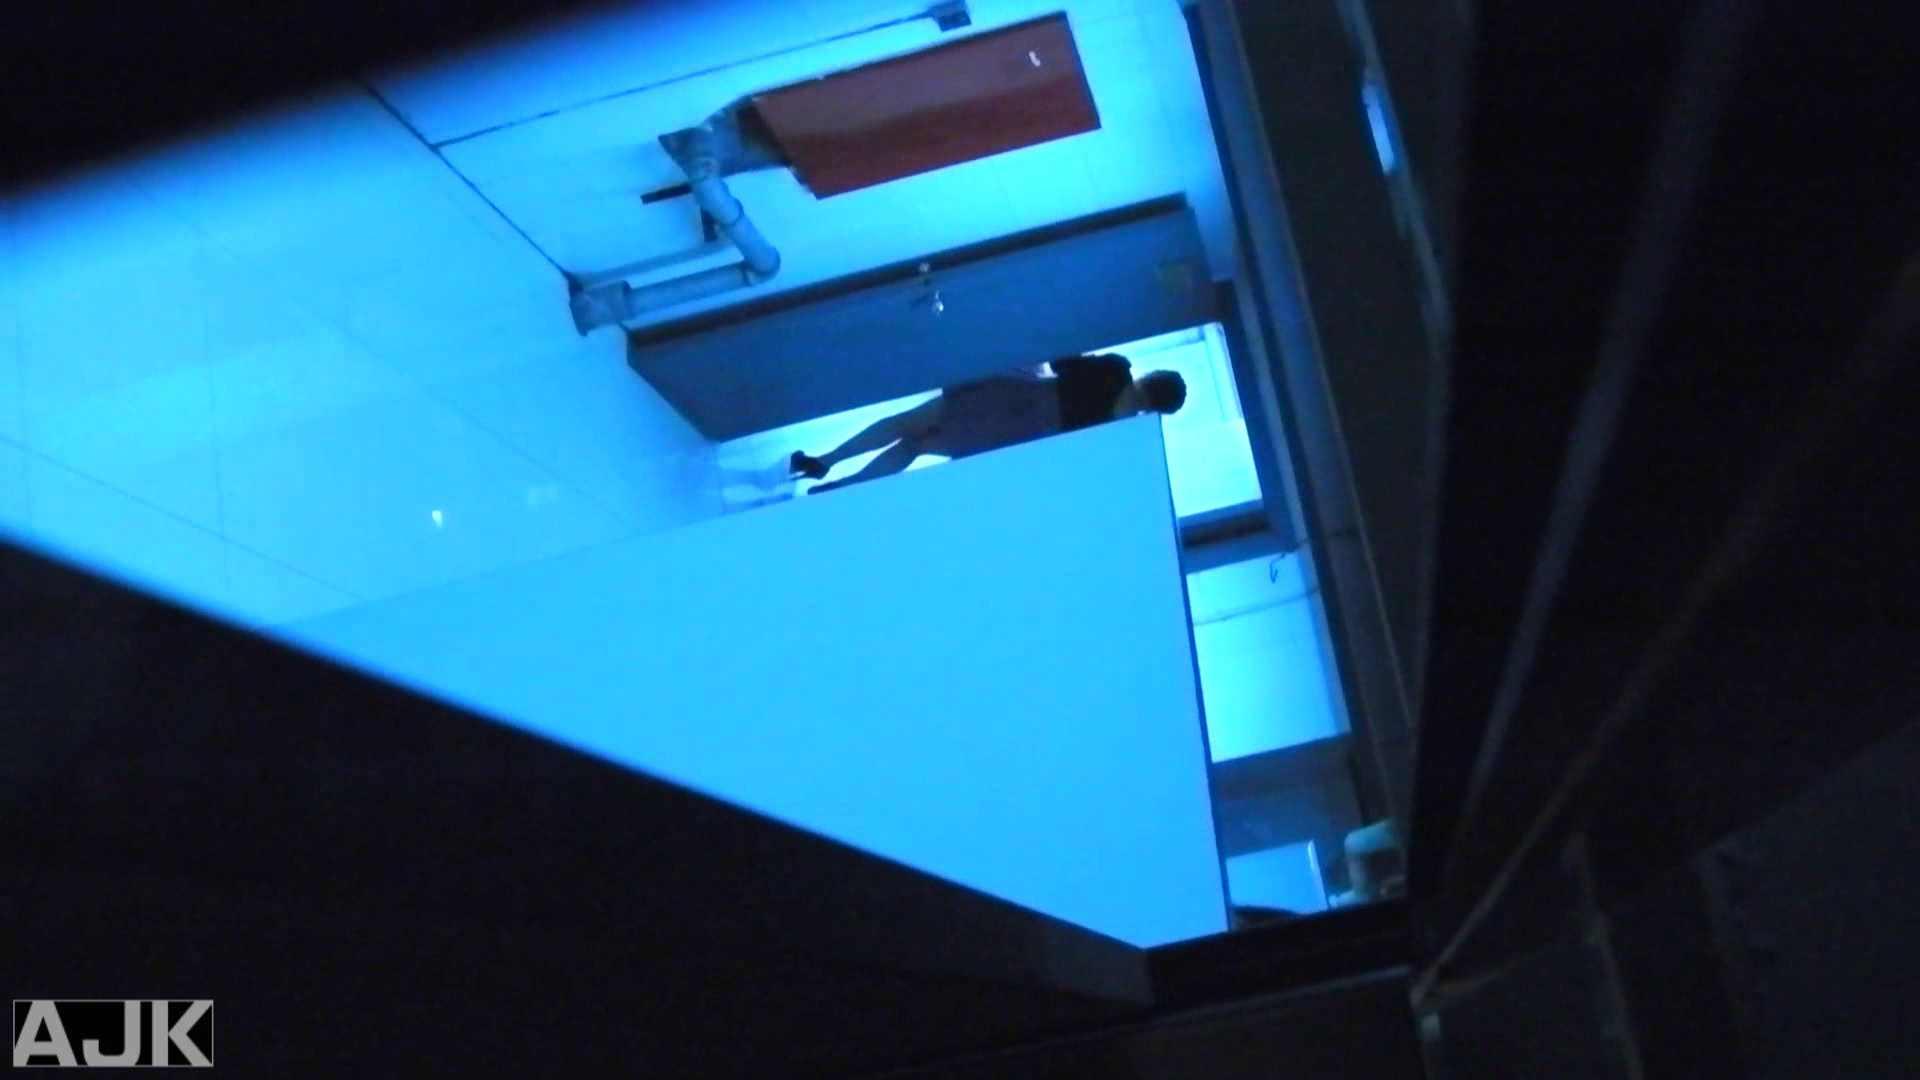 神降臨!史上最強の潜入かわや! vol.21 マンコ・ムレムレ われめAV動画紹介 103pic 88